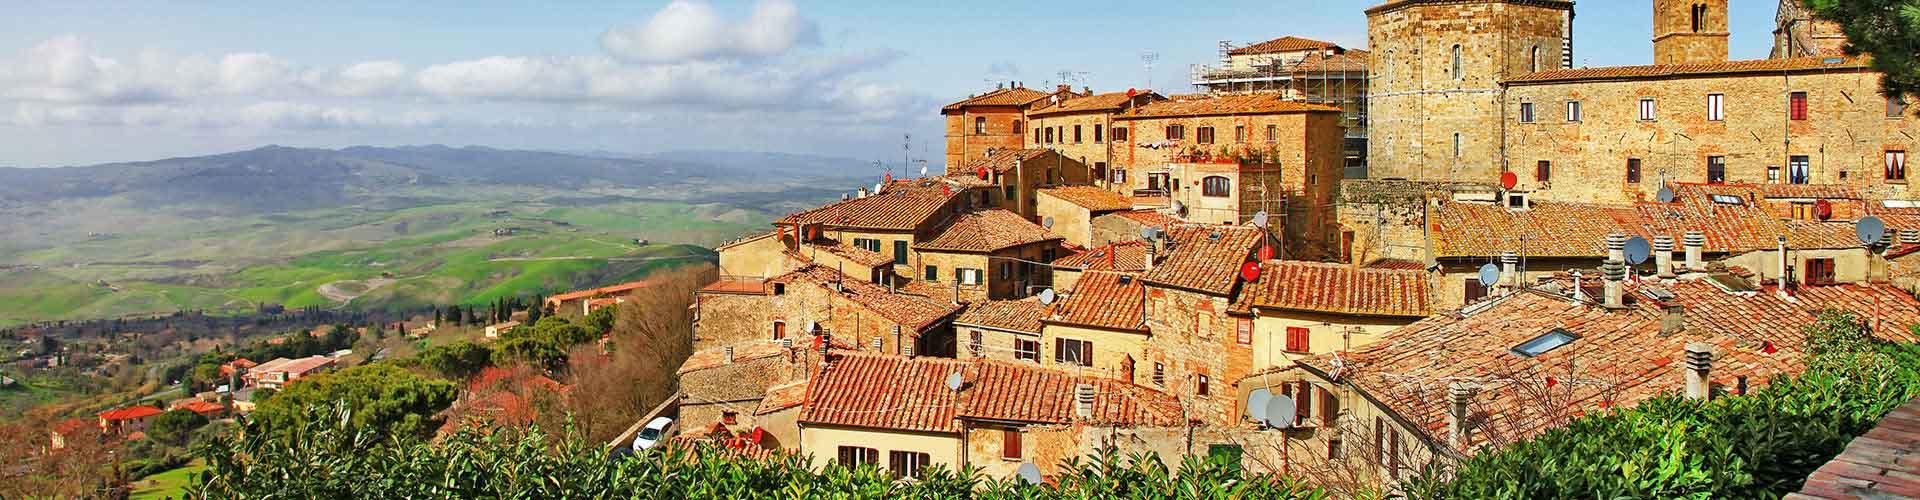 Volterra – Hostels in Volterra. Volterra auf der Karte. Fotos und Bewertungen für jedes Hostel in Volterra.